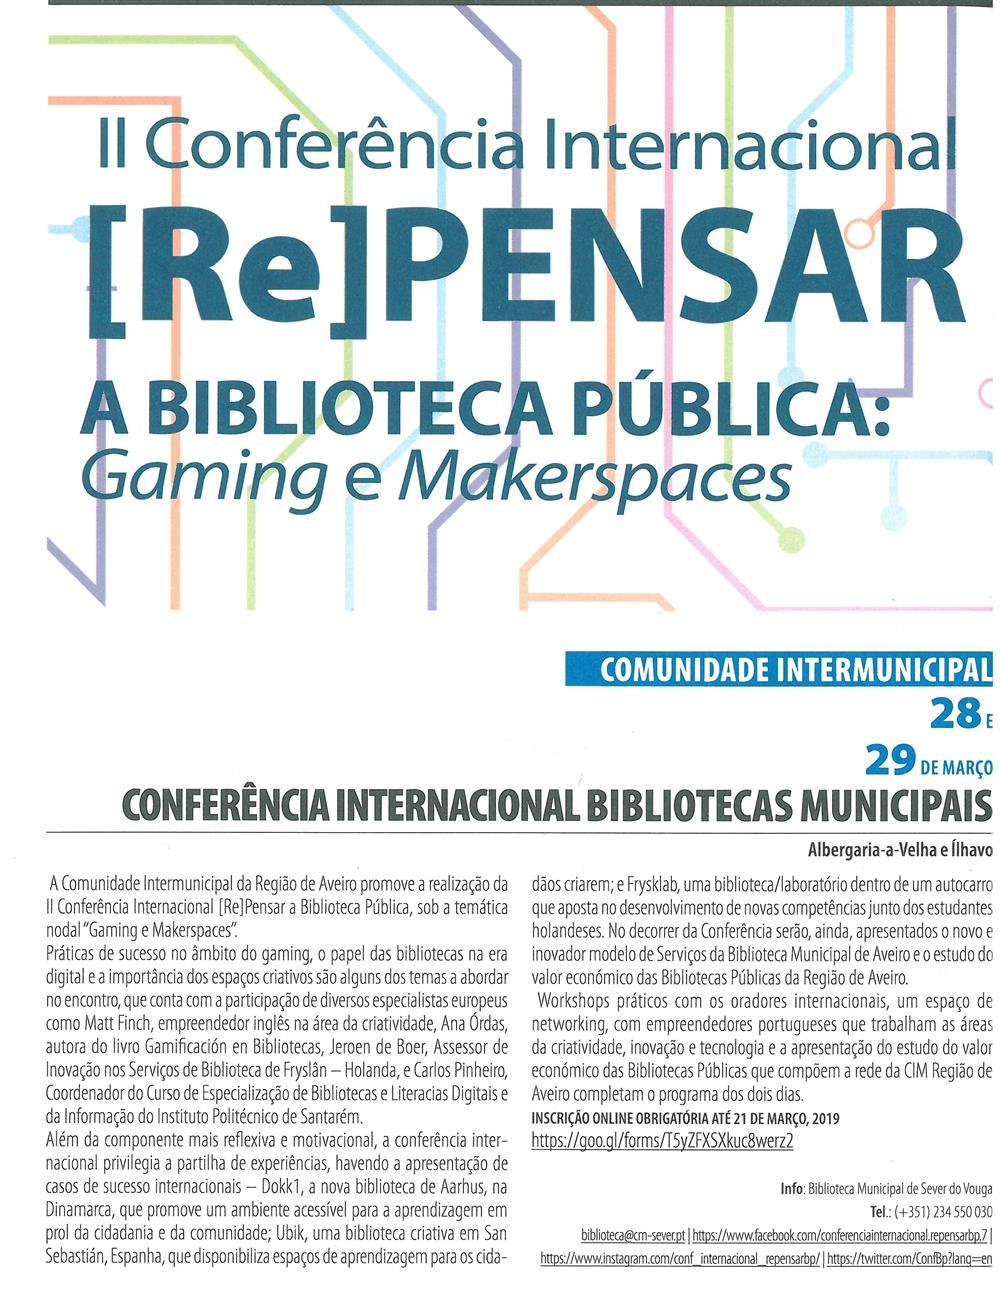 AgRegAveiro-2019-p.4-II Conferência Internacional Repensar a Biblioteca Pública : Gaming e Makerspaces : Conferência Internacional Bibliotecas Municipais.jpg